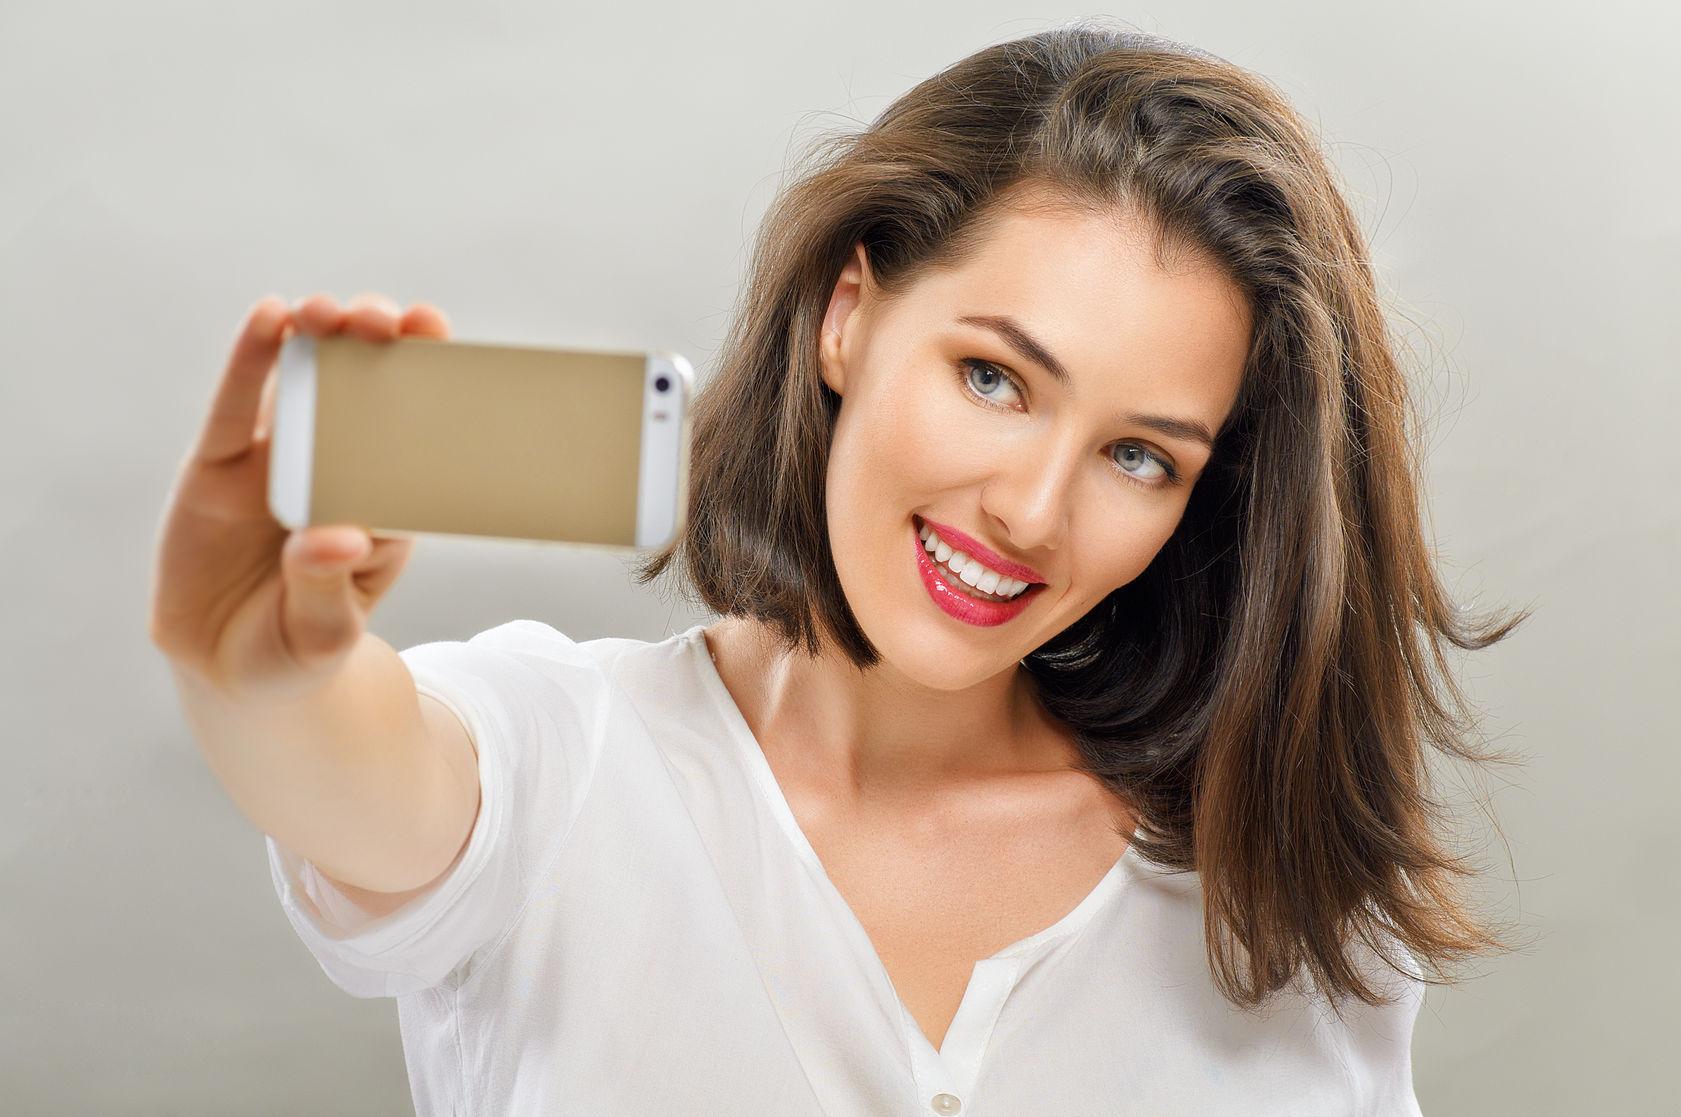 Selfie 1